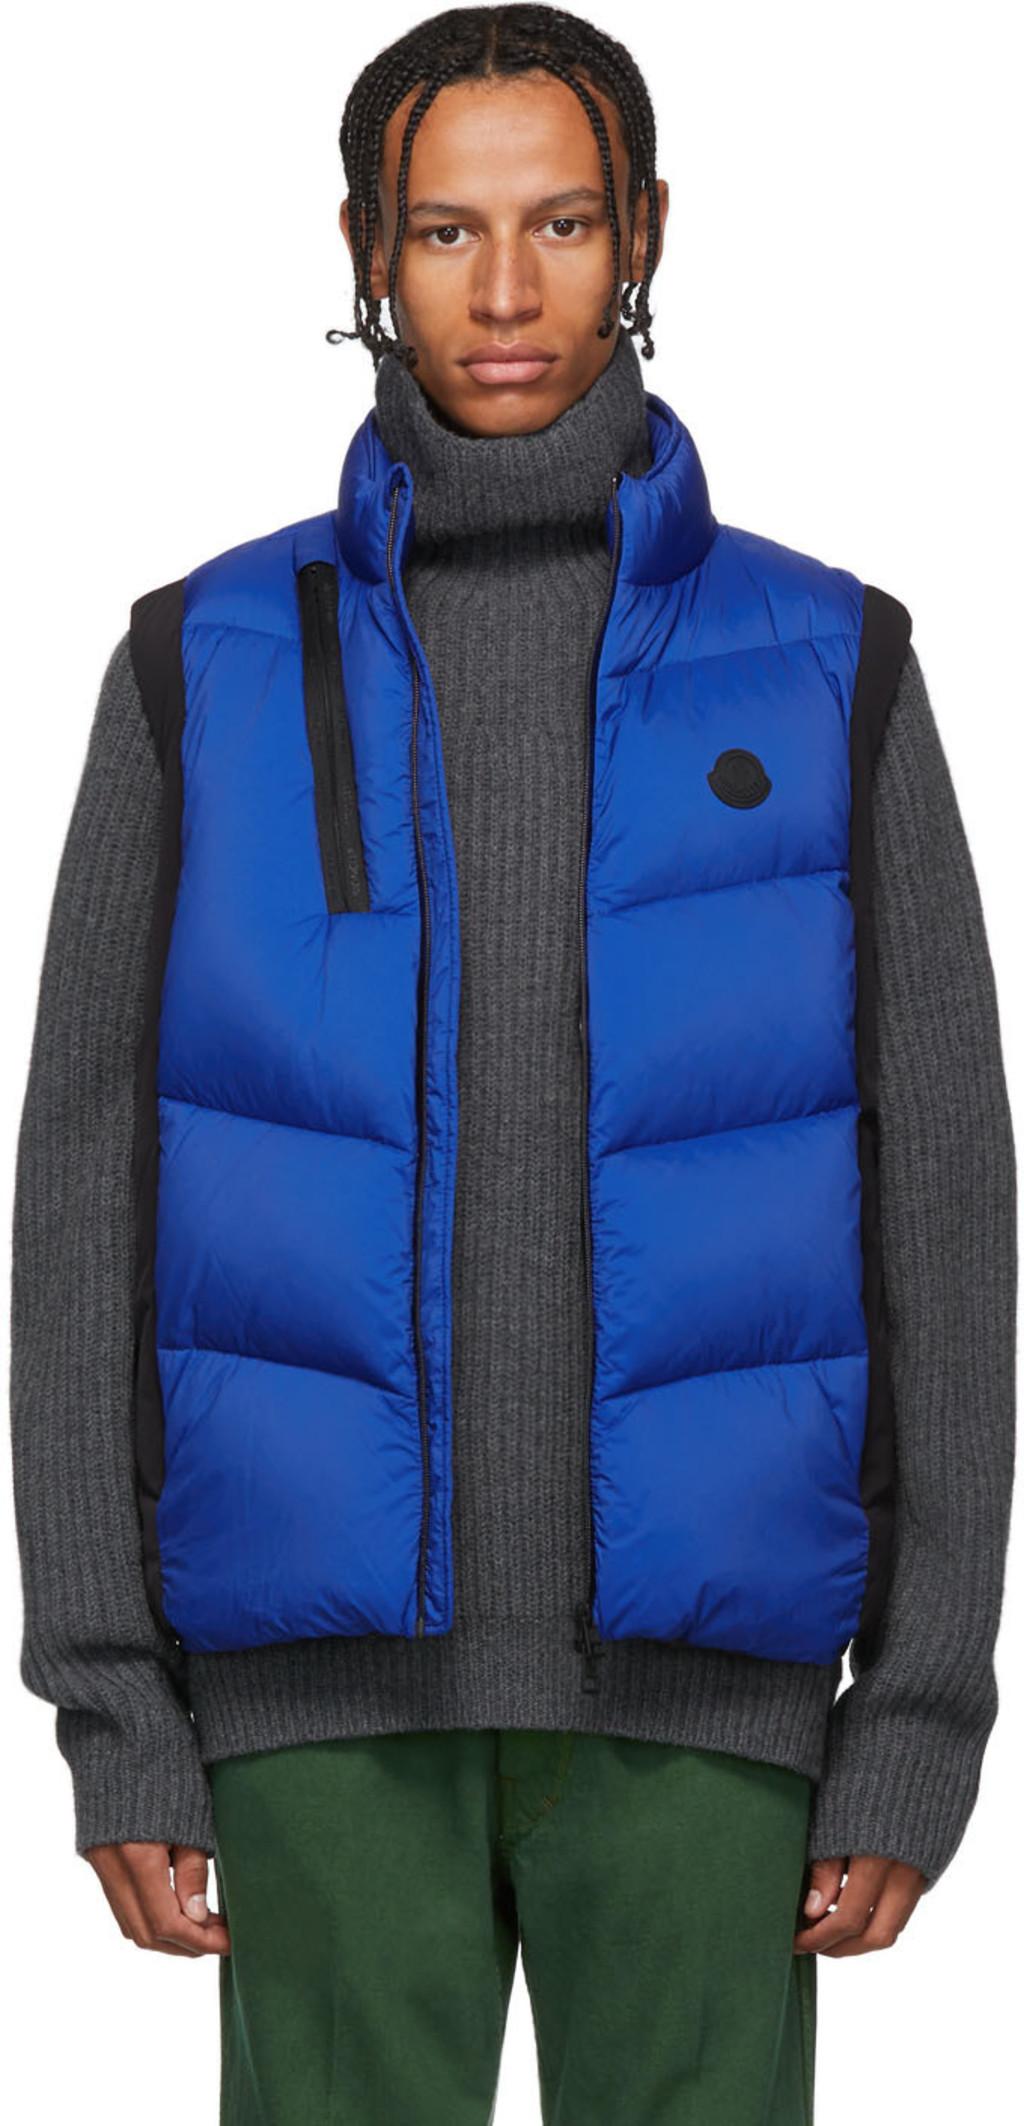 3e78effdb Black & Blue Down Jacot Vest